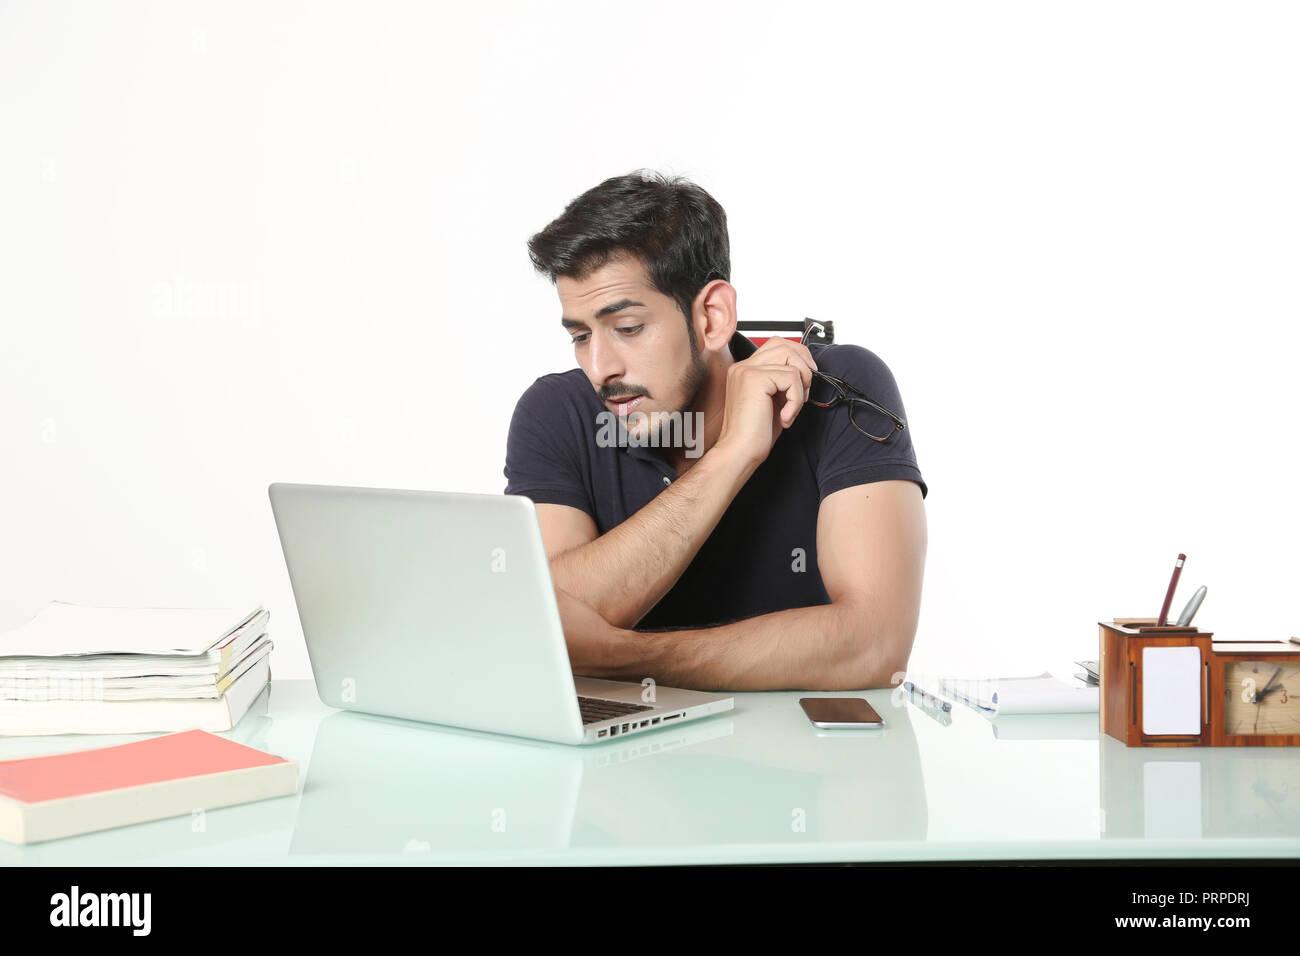 debac0299e L'homme est à la recherche de travail ordinateur portable assis sur la  chaise dans